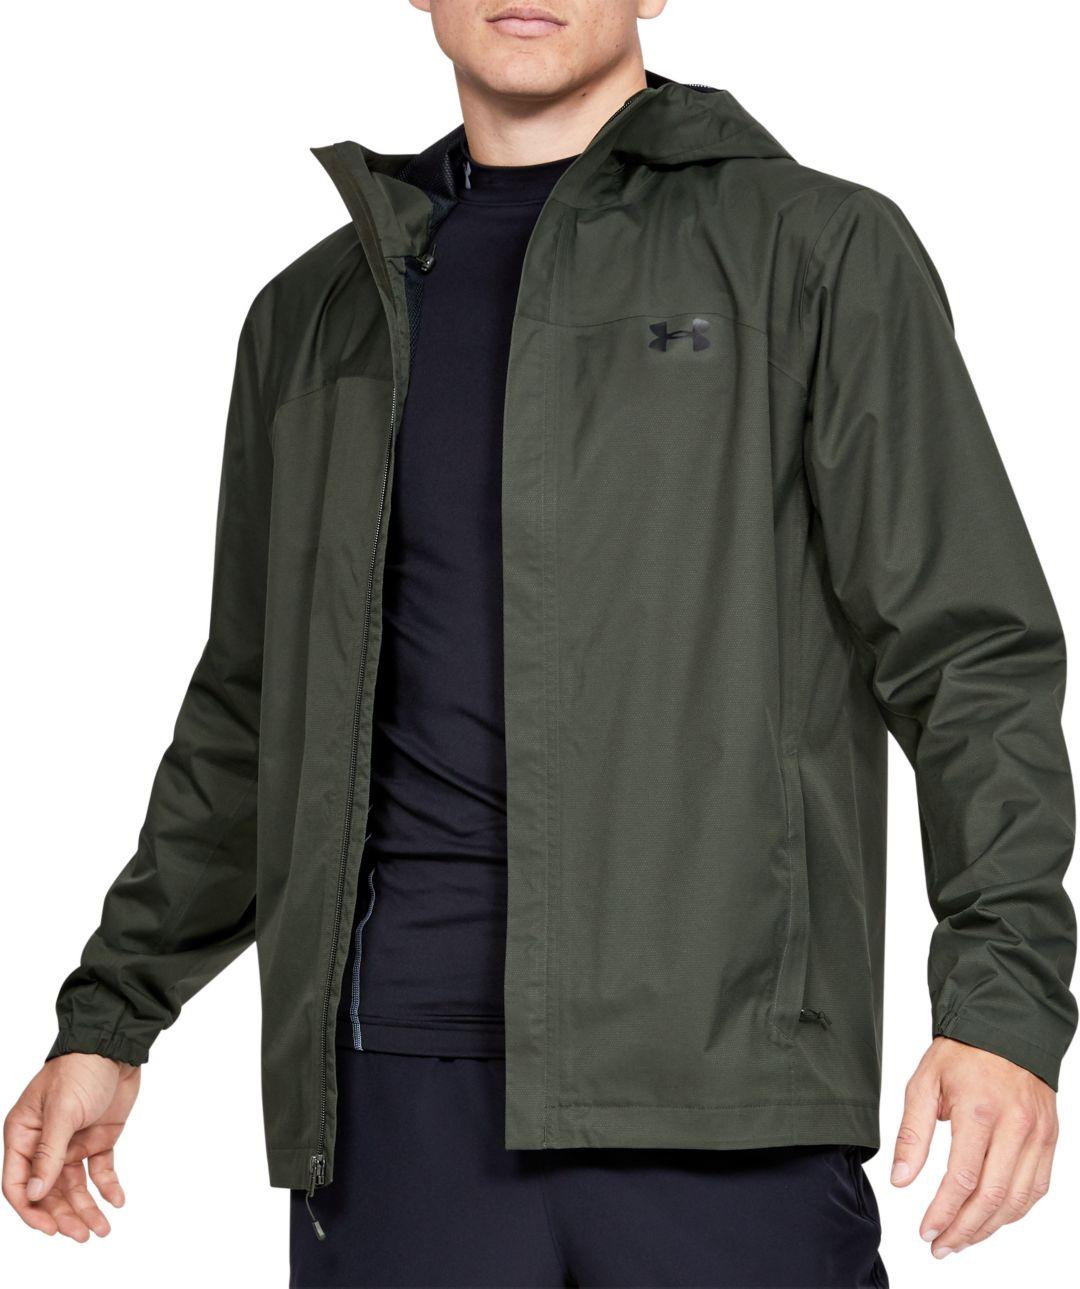 a2fd88d11 Under Armour Men's Overlook Shell Rain Jacket | DICK'S Sporting Goods